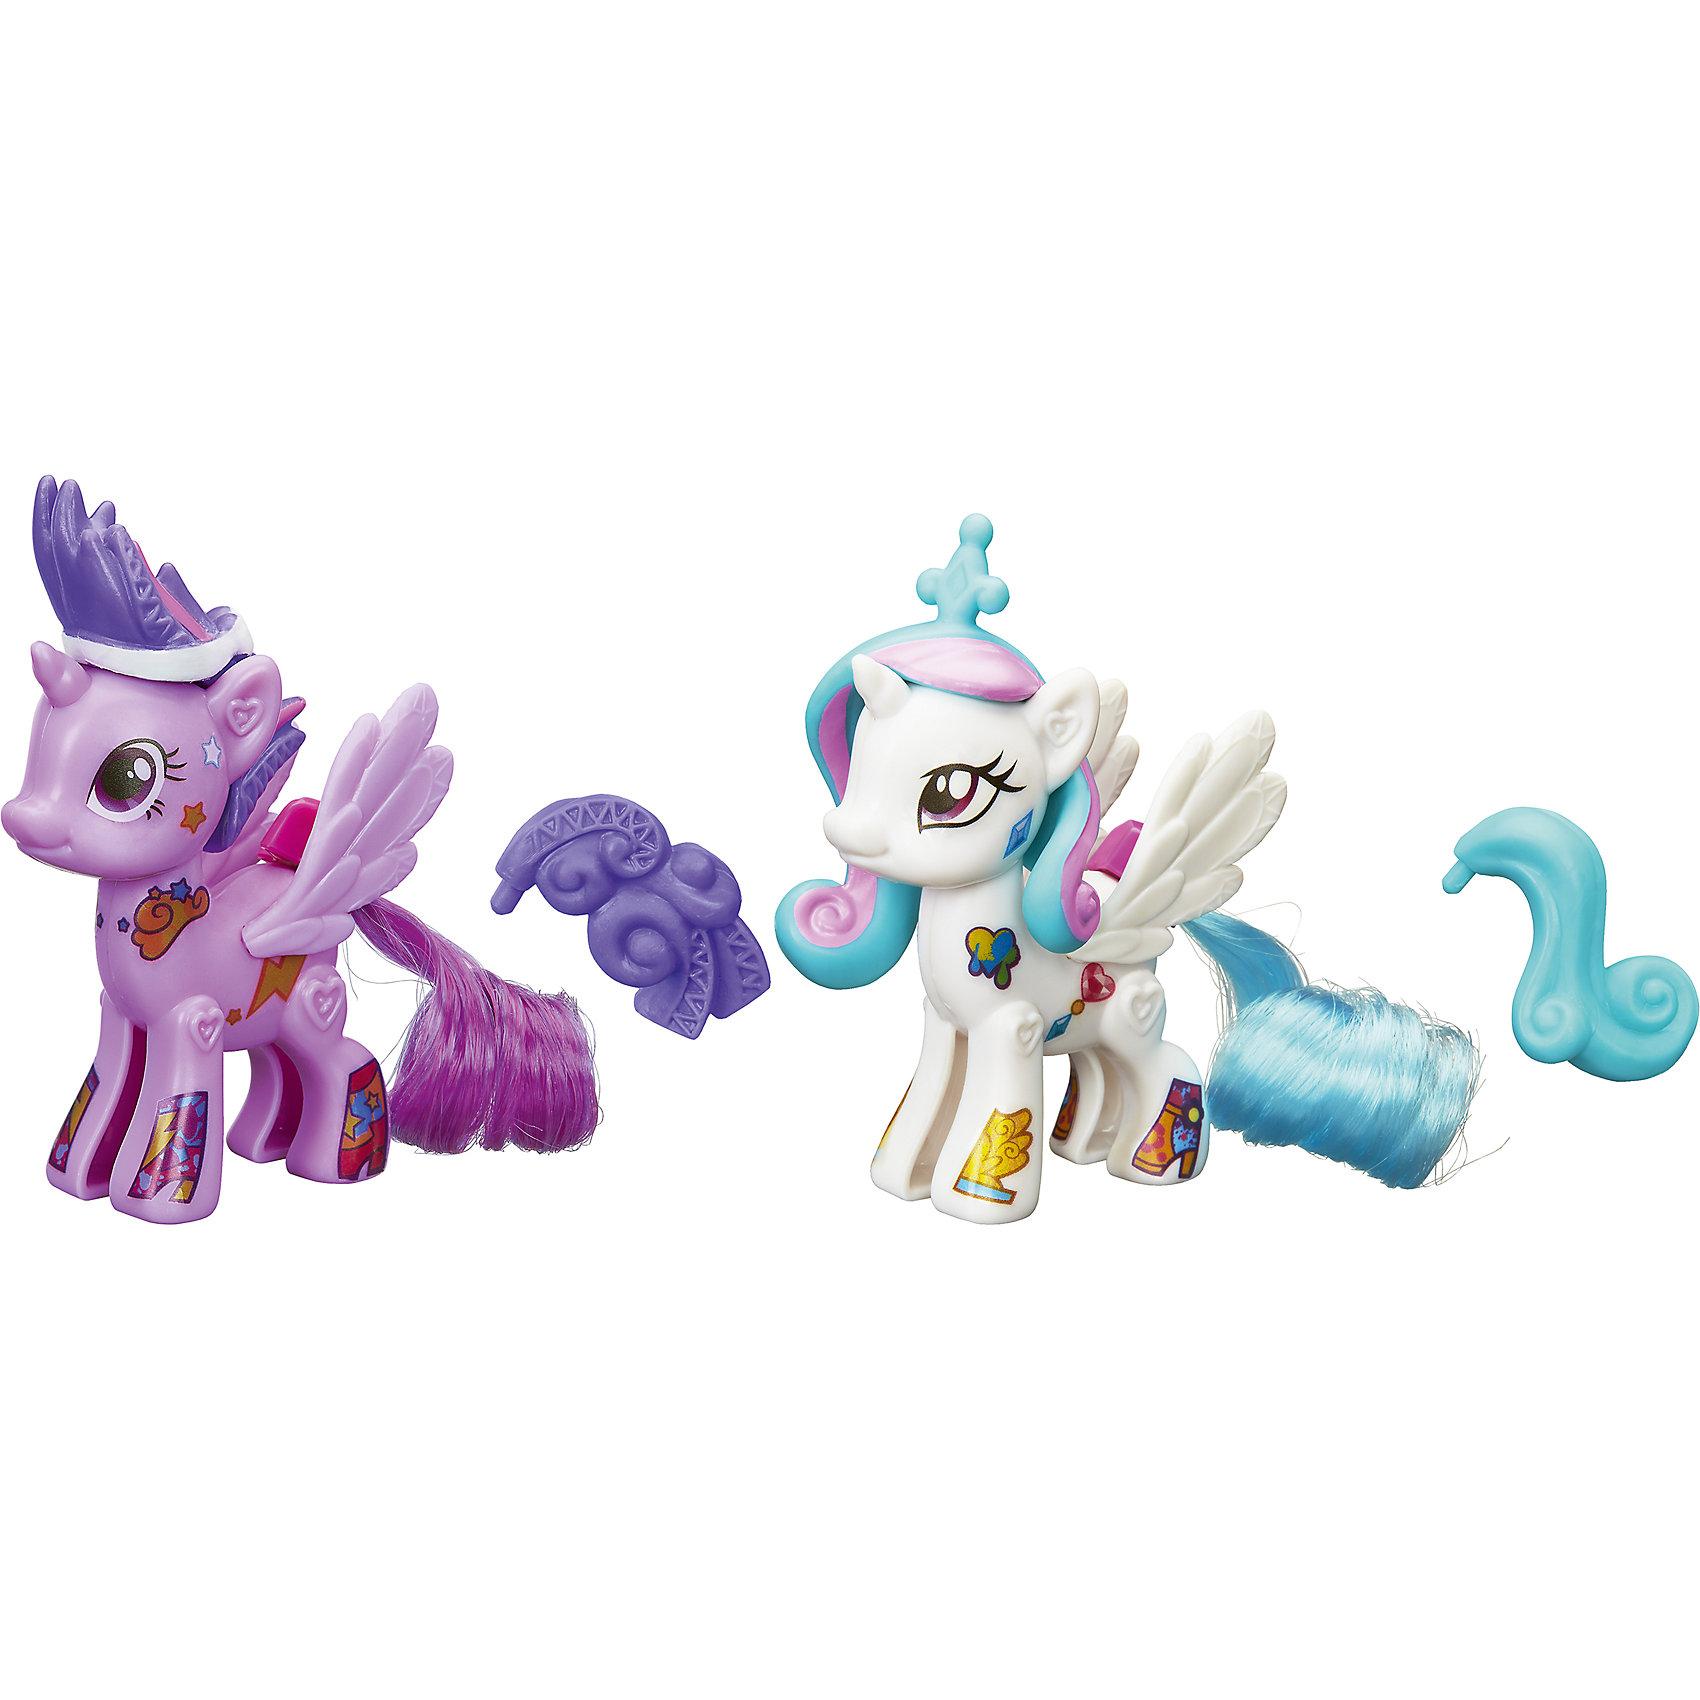 Сумеречная Искорка и Селестия, стильные пони Создай свою пони, My little Pony, B3589/B4971Стильные пони Создай свою пони, My little Pony, B3589/B4971.<br><br>Характеристики:<br><br>- В наборе: две фигурки пони (каждая из двух половинок) Селестия и Сумеречная Искорка, две пары красивых резных крыльев, две пряди, две пластмассовые гривы, два пластмассовых хвоста, наклейки<br>- Можно комбинировать с другими наборами серии<br>- Материал: высококачественная пластмасса<br>- Размер упаковки: 21x14x2,5 см.<br><br>Игровой набор Создай свою пони станет приятным подарком для девочки - поклонницы мультсериала Моя маленькая пони. Дружба - это чудо!. Малышка сможет самостоятельно соединить две части пони вместе и создать неповторимый образ для принцессы Селестии и Сумеречной Искорки, подобрав гриву, хвостик и крылышки для своих любимиц. Игрушки выполнены из высококачественной пластмассы и имеют поразительное сходство с героями мультсериала. Игровой набор позволит придумать множество разных сюжетных линий, историй и развить фантазию и мелкую моторику. Фигурки отлично впишутся в коллекцию девочки и подарят ей множество положительных эмоций. Детали набора можно комбинировать с элементами из других наборов Создай свою пони.<br><br>Набор Стильные пони Создай свою пони, My little Pony, B3589/B4971 можно купить в нашем интернет-магазине.<br><br>Ширина мм: 25<br>Глубина мм: 140<br>Высота мм: 490<br>Вес г: 180<br>Возраст от месяцев: 48<br>Возраст до месяцев: 144<br>Пол: Женский<br>Возраст: Детский<br>SKU: 5064681